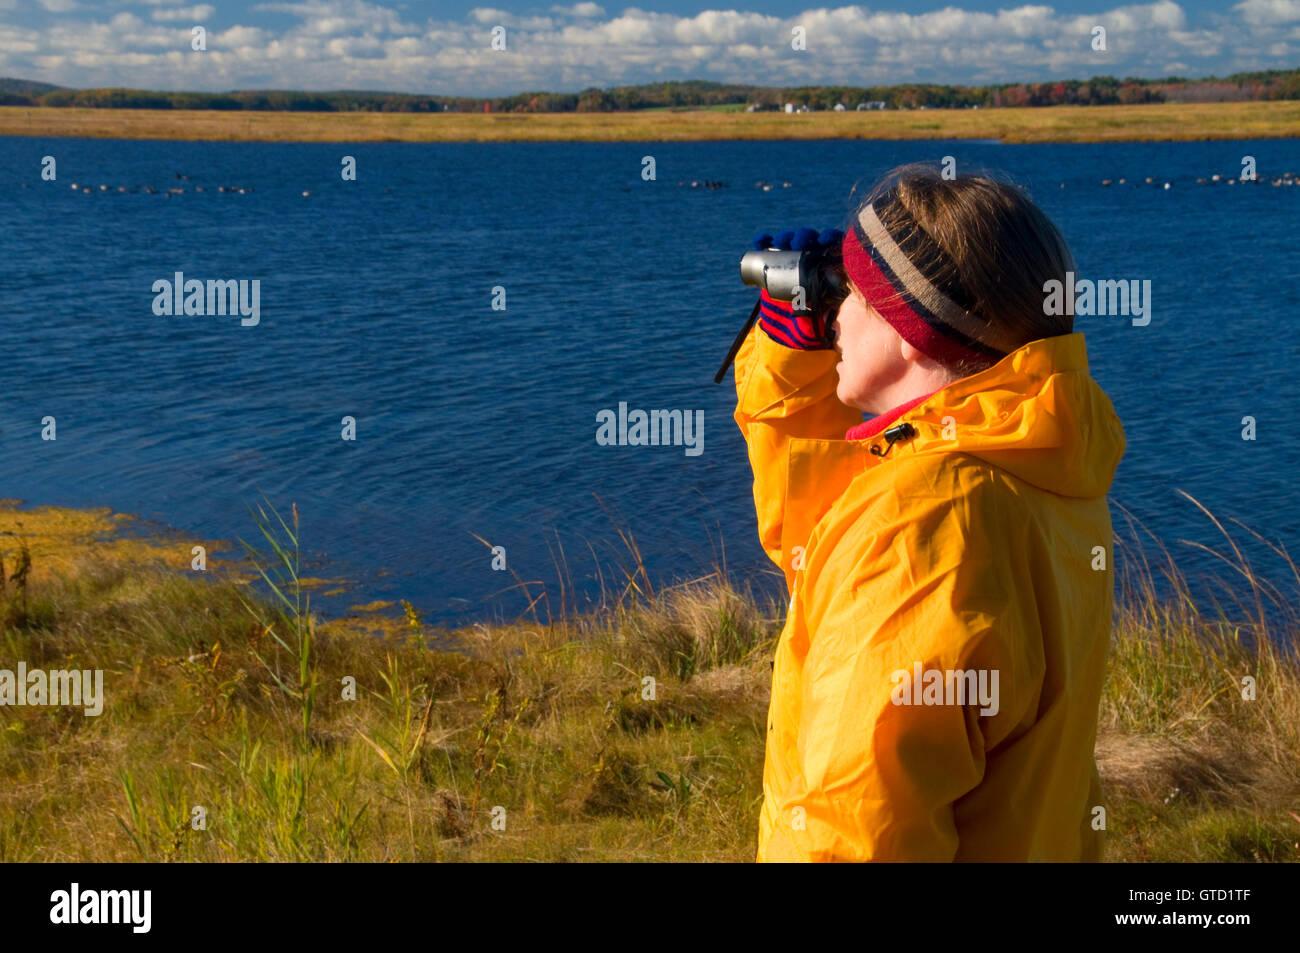 Salt River Bay Stock Photos Amp Salt River Bay Stock Images